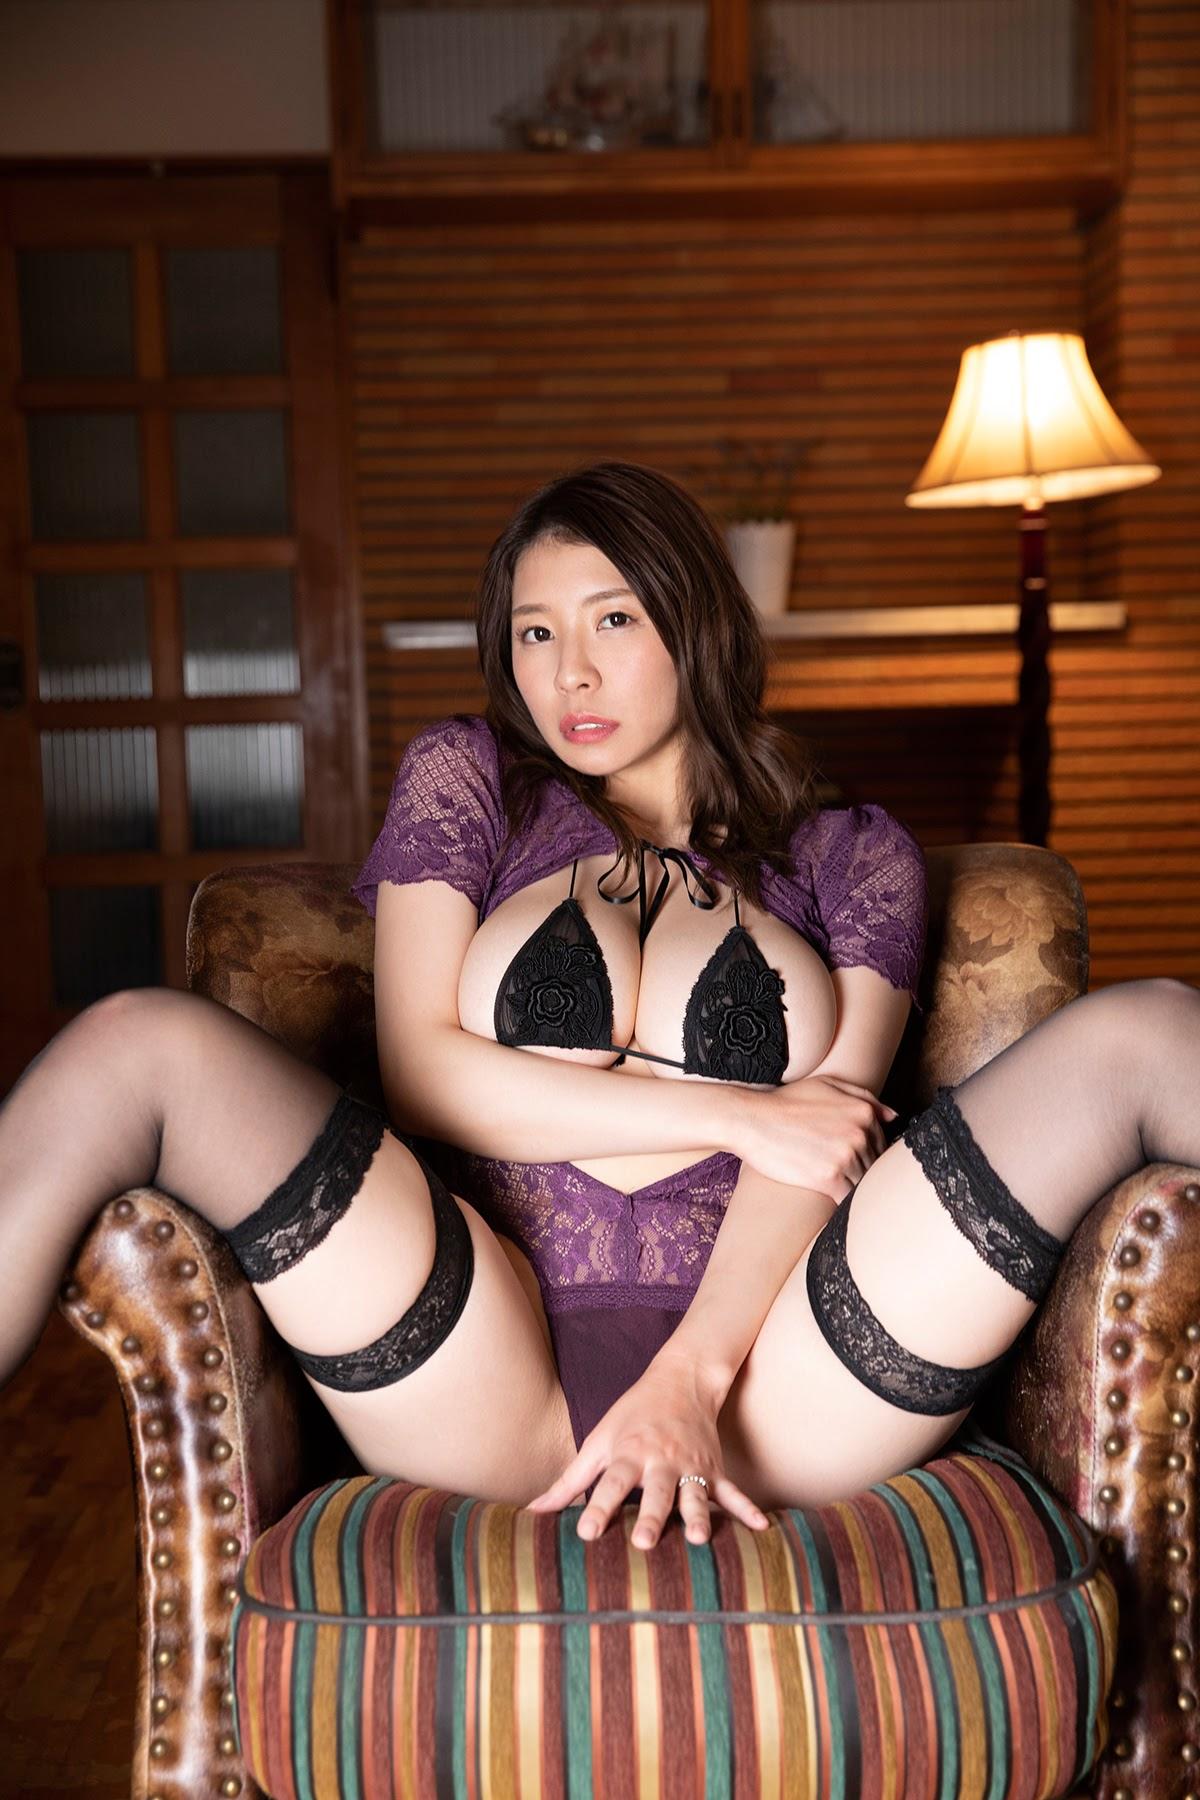 夏来唯 Yui Natsuki 夏来唯 あなた、ごめんなさい。x12.jpg